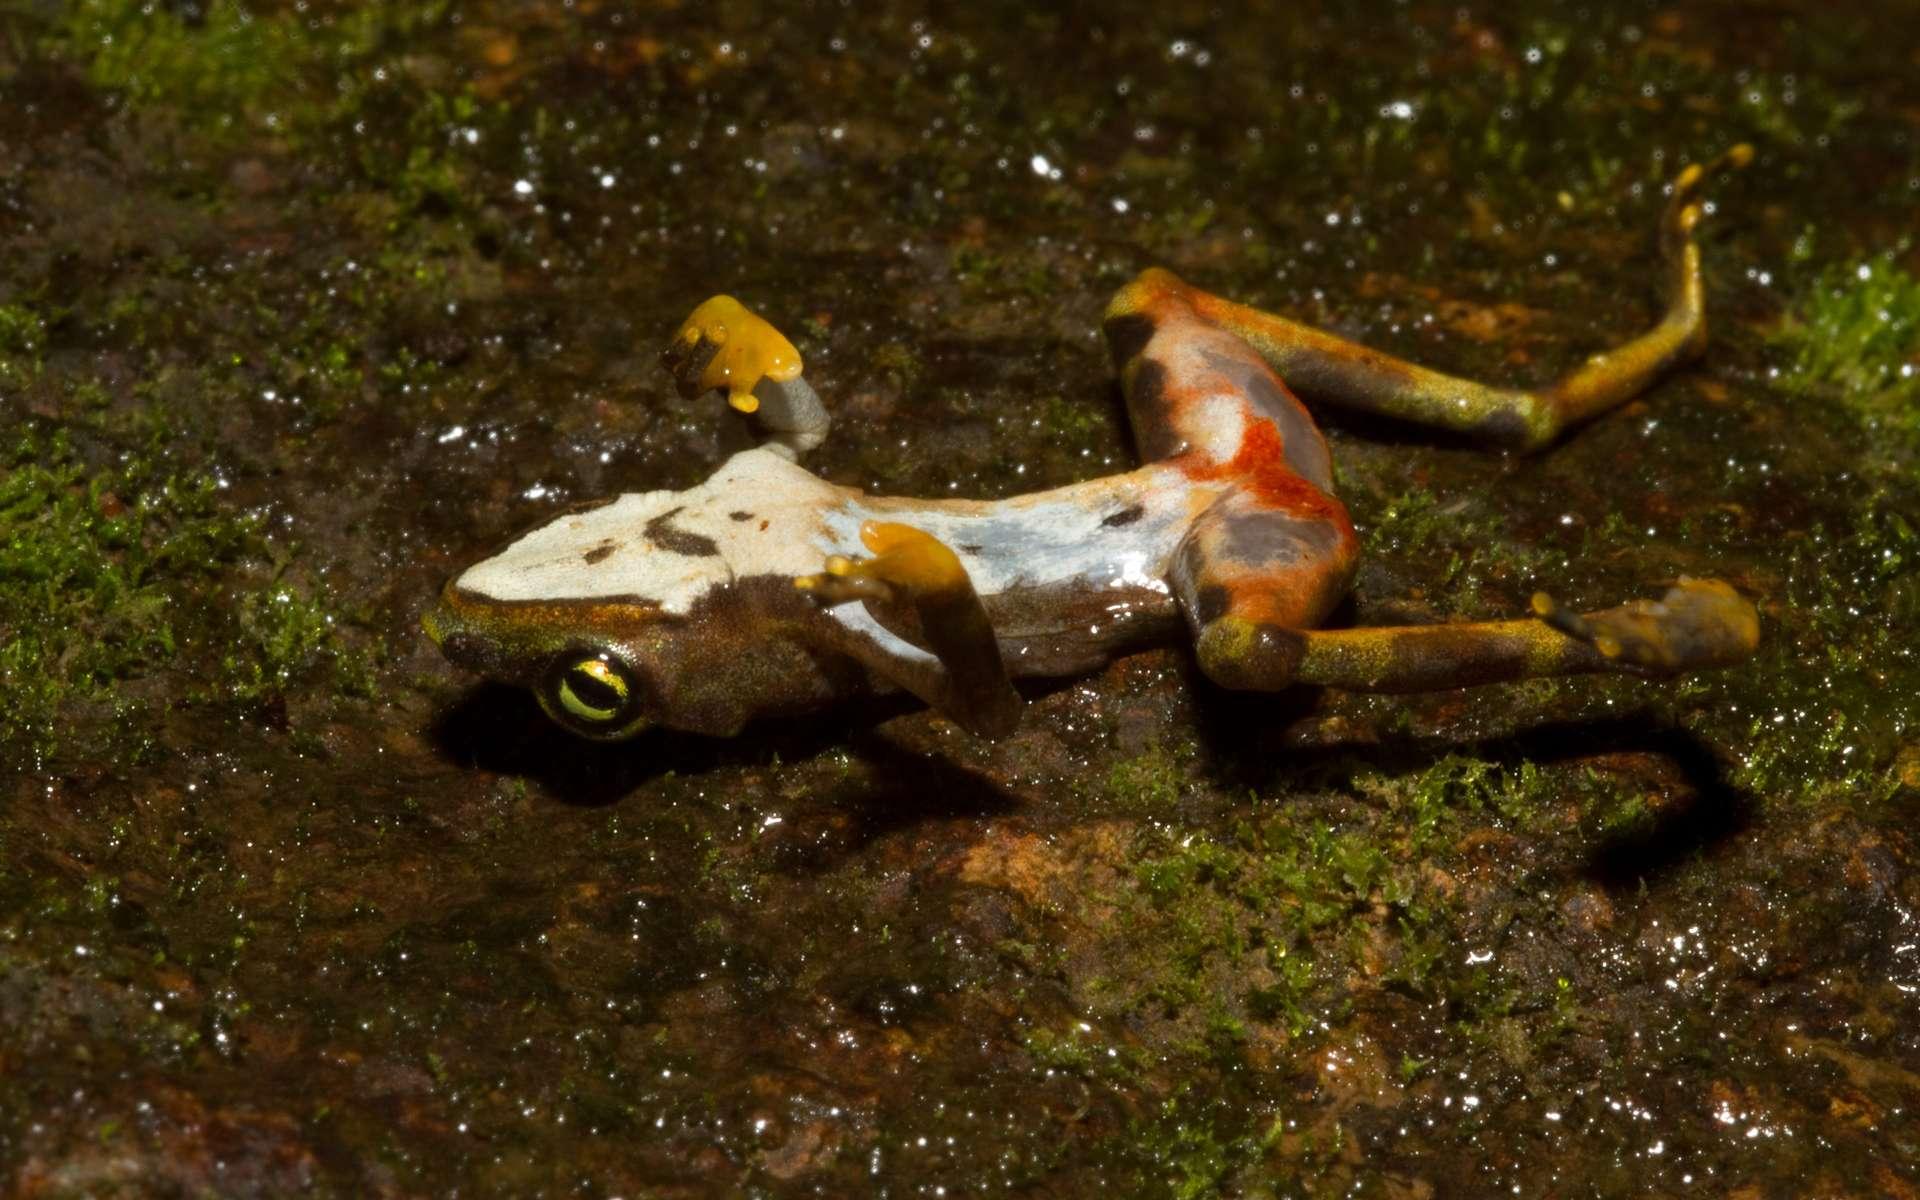 Ce champignon aquatique a causé un effondrement des populations d'amphibiens. © Brian Gratwicke, iNaturalist